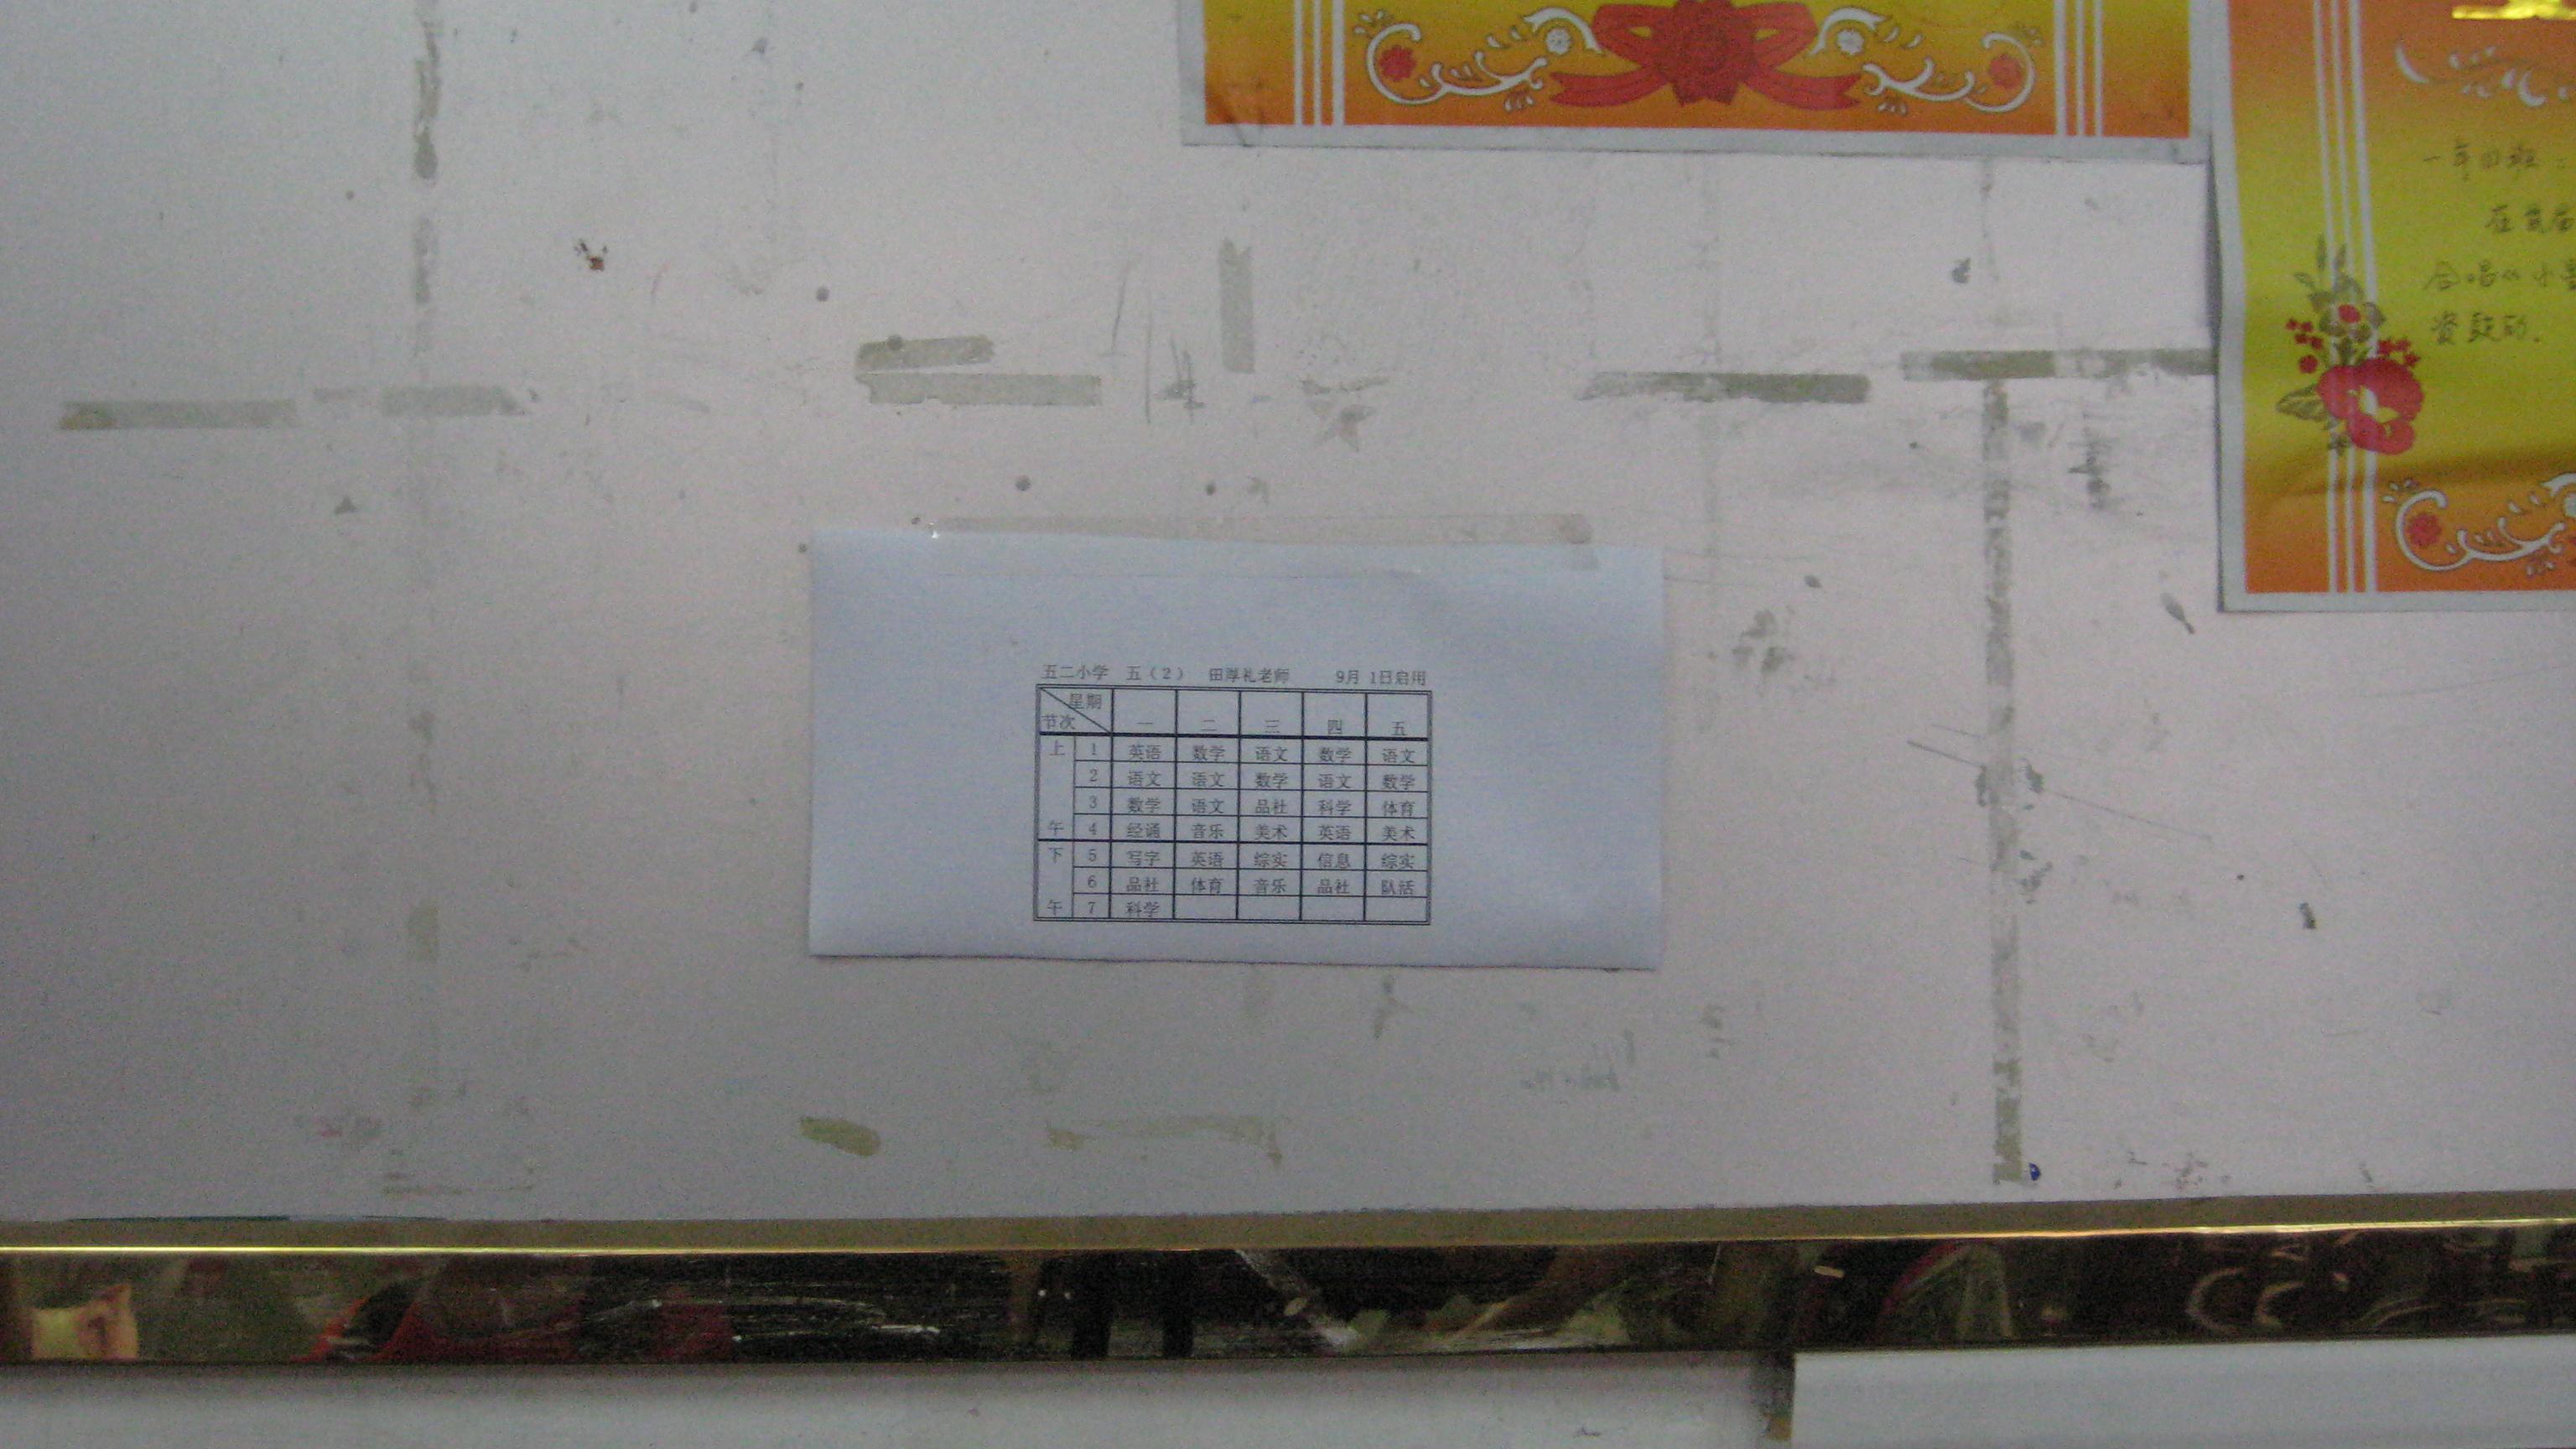 幼儿园课表装饰边框